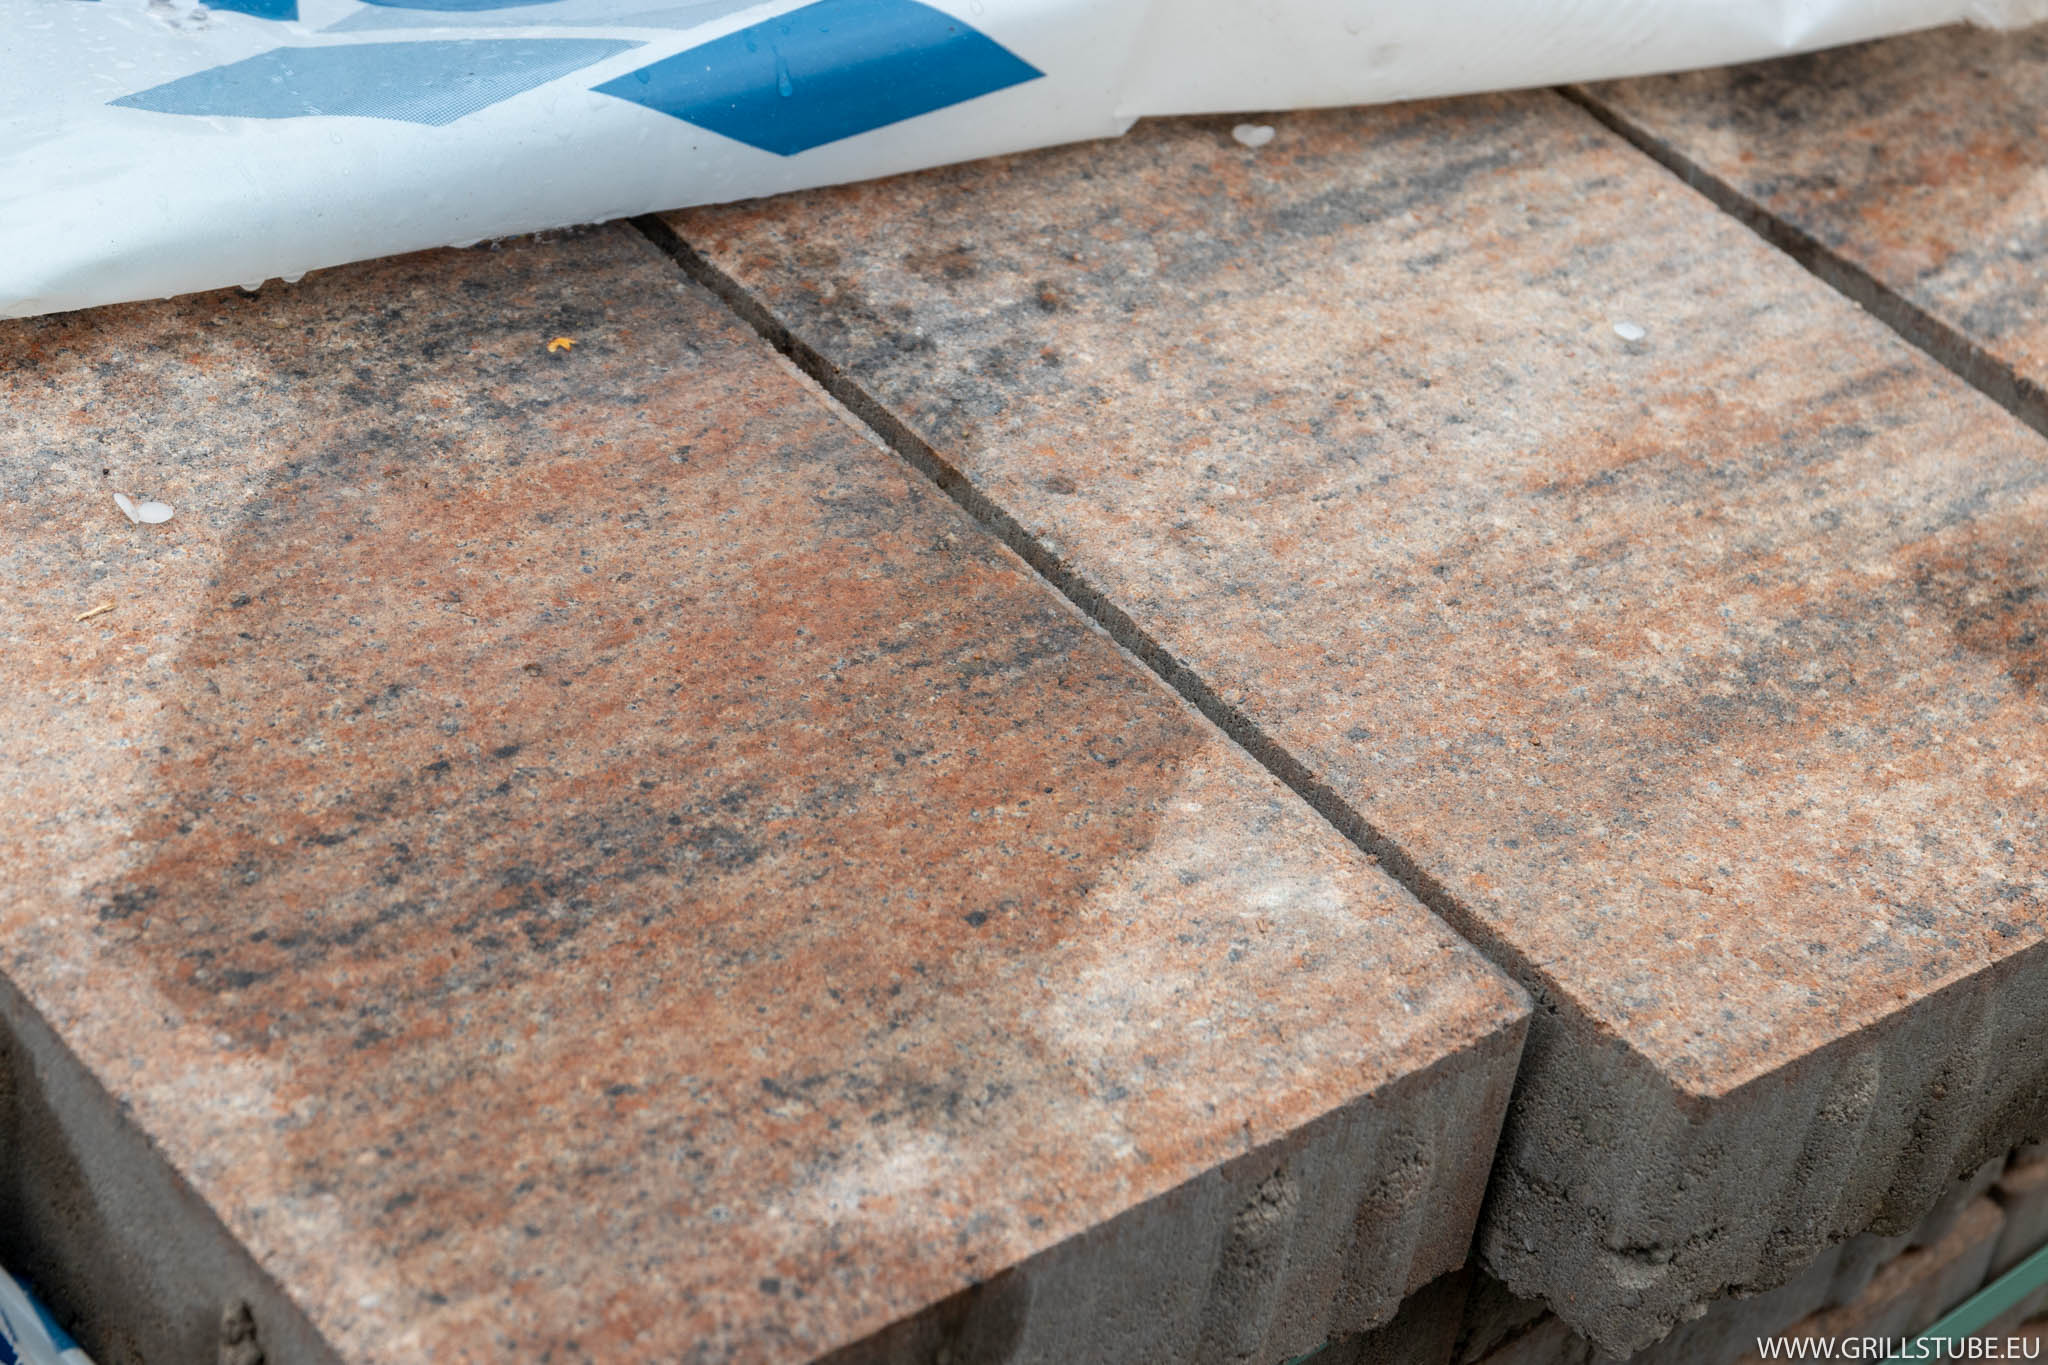 Outdoorküche Stein Facebook : Outdoorküche anlieferung der pflastersteine andys grillstube